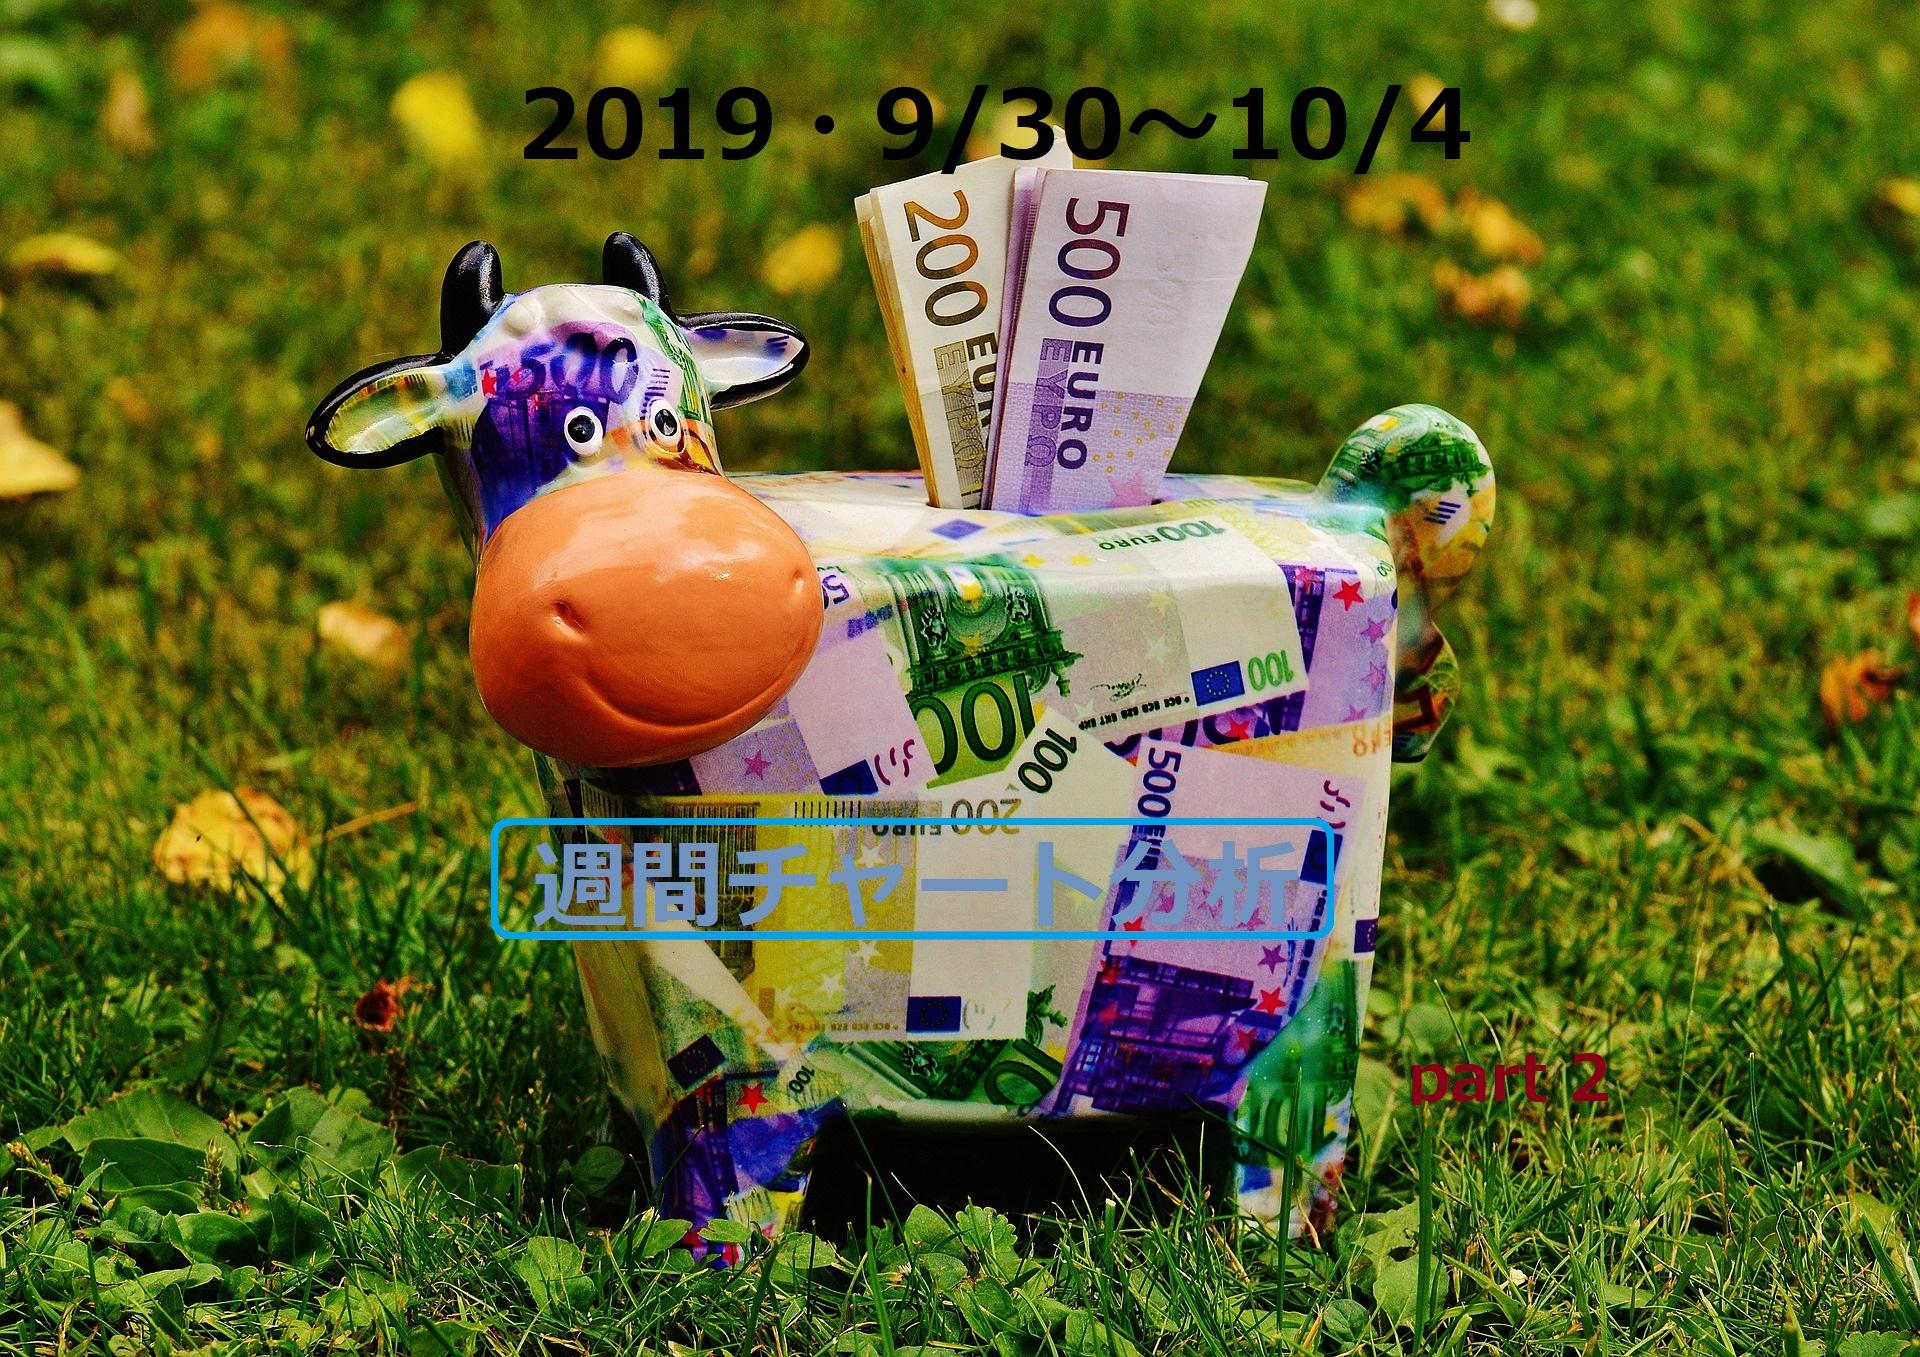 【FX】週間チャート分析【2019・9/30~10/4】【Part 2】